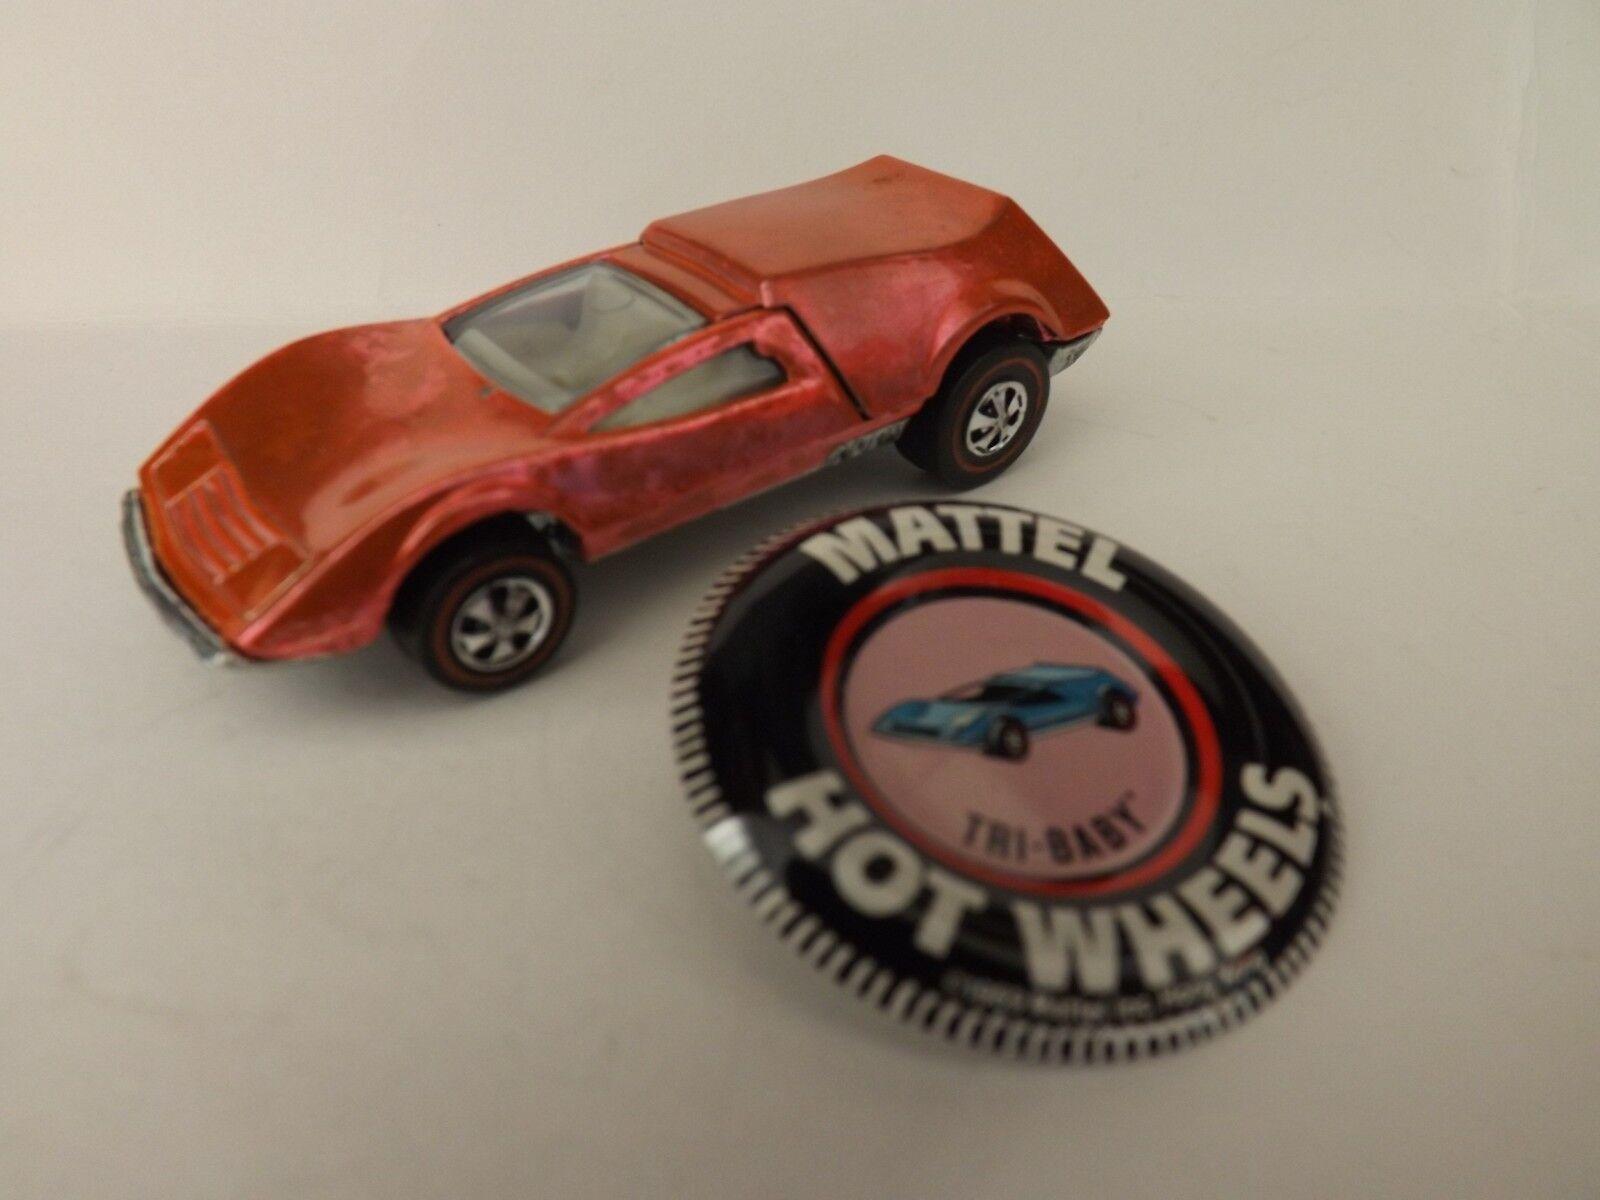 Hot wheels rote linie tri - baby in seltenen lachs farb - besitzer nicht spielen